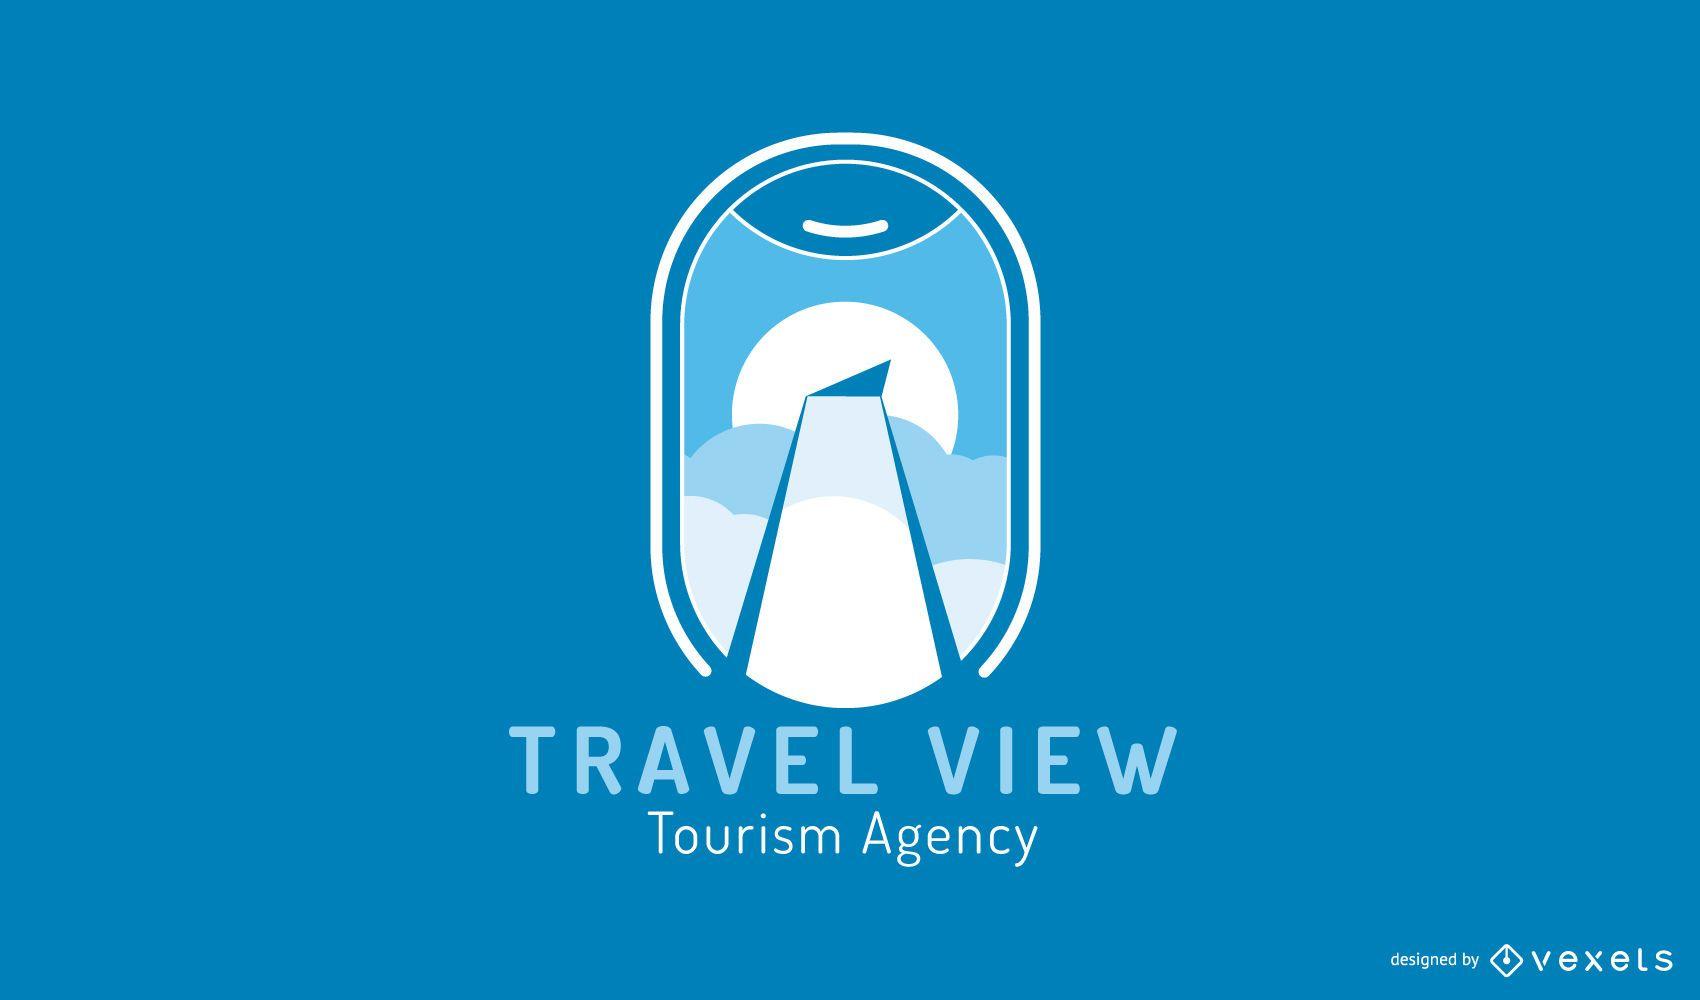 Tourism Agency Logo Design Template